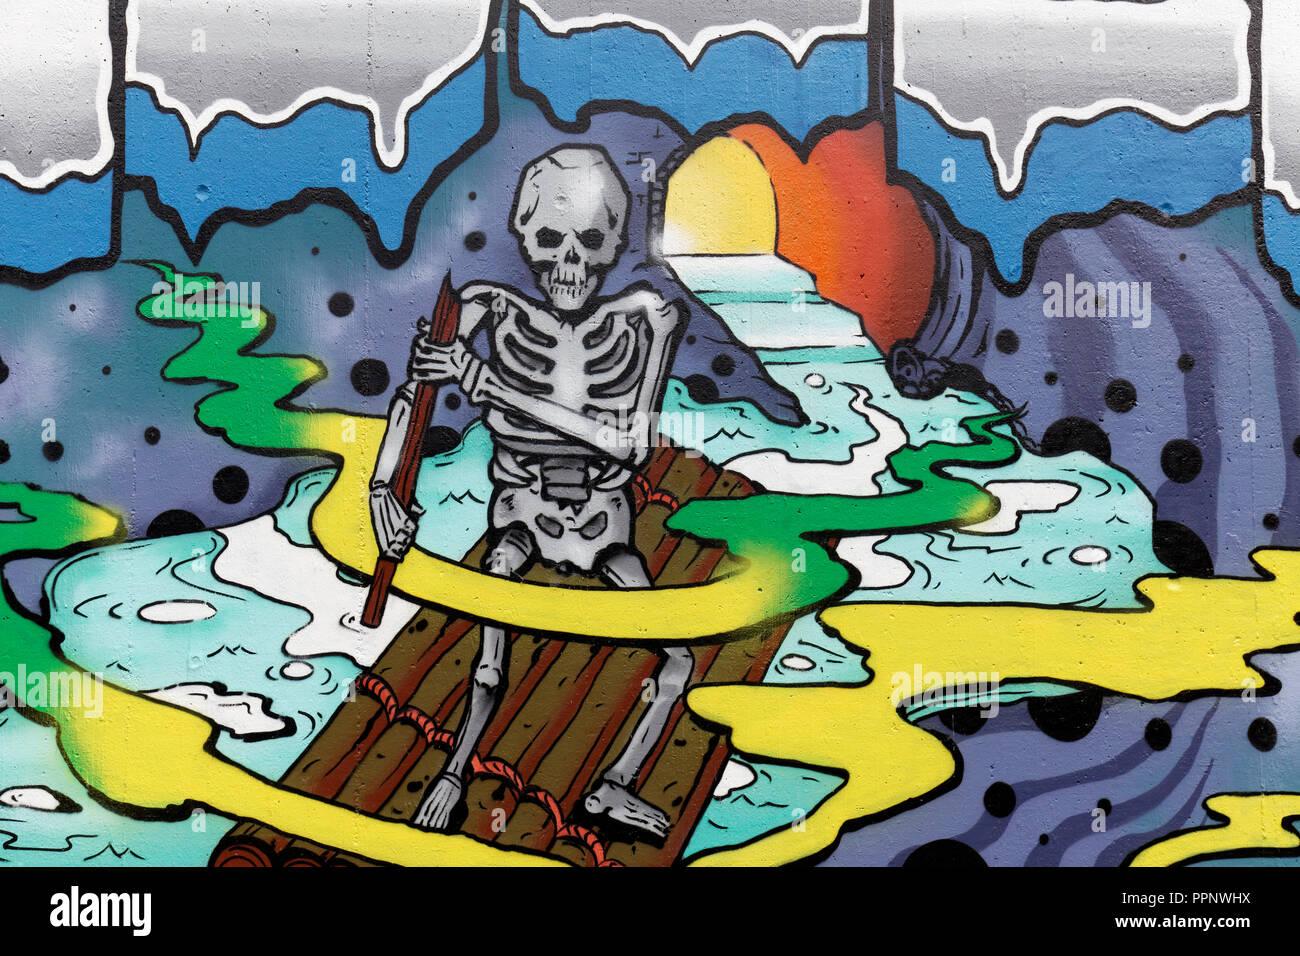 Menschliches Skelett Zeilen auf einem Floß, apokalyptische, Street Art, Düsseldorf-Eller, Nordrhein-Westfalen, Deutschland Stockbild